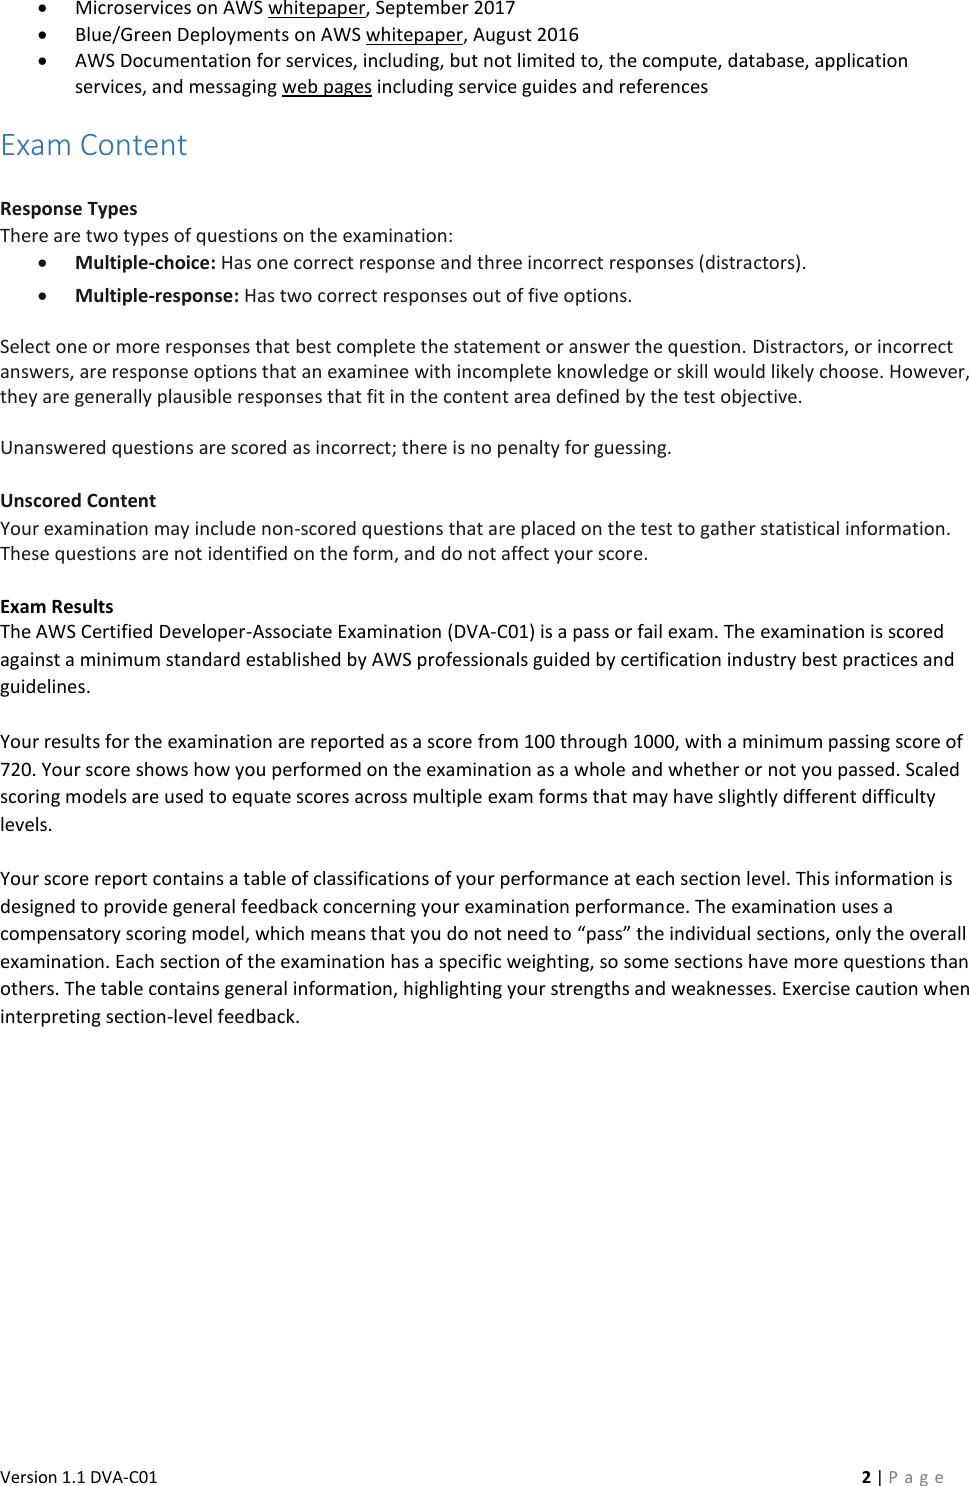 AWS Certified Developer Associate Beta Exam Guide V1 1